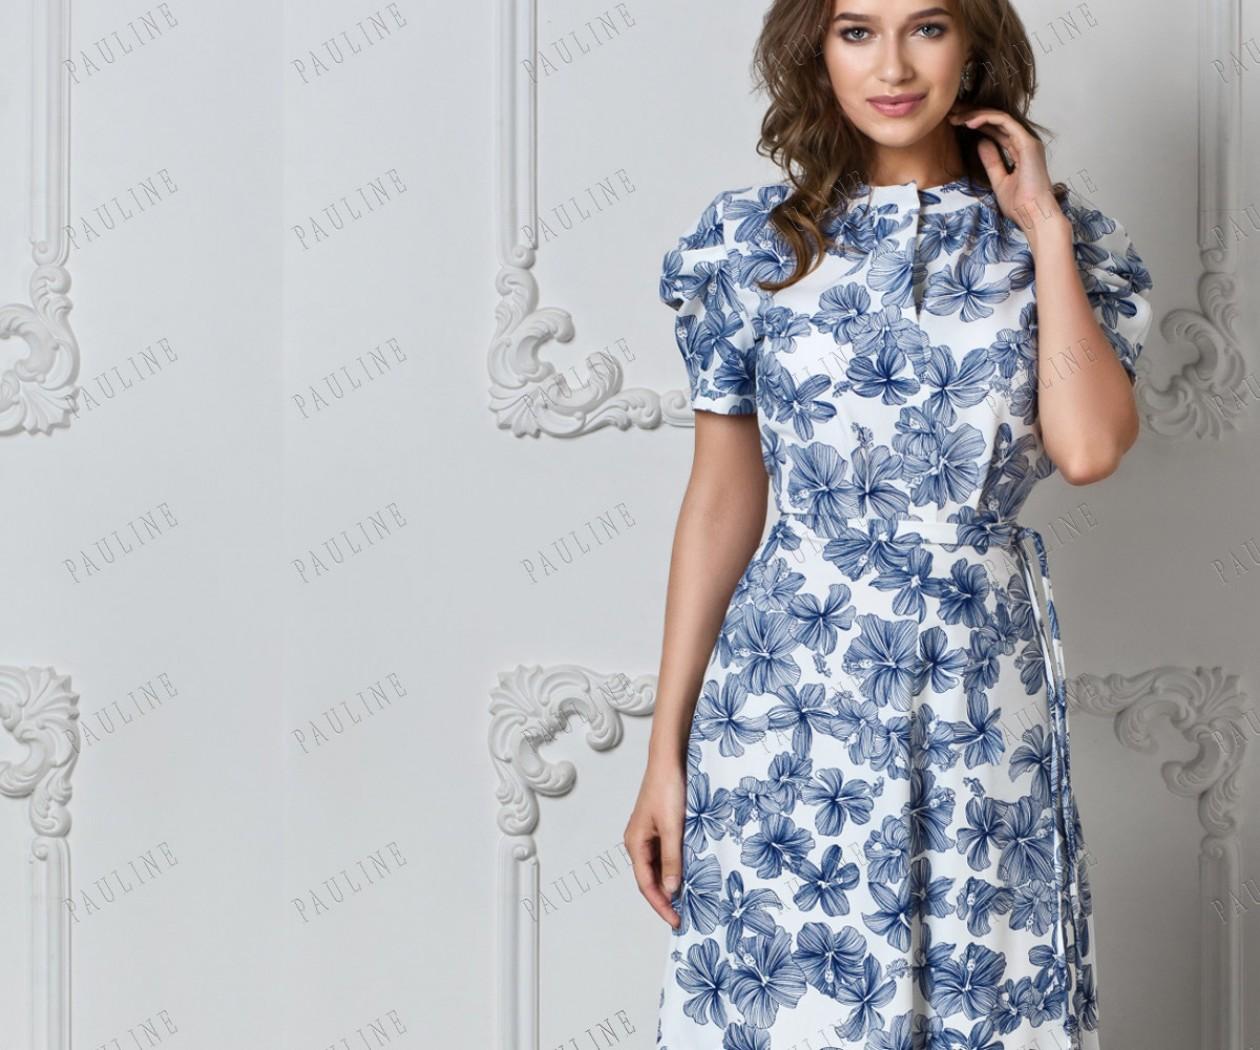 Бело синее вечернее платье с рукавами фанариком ЛАФАЙЕТТ Гибискус